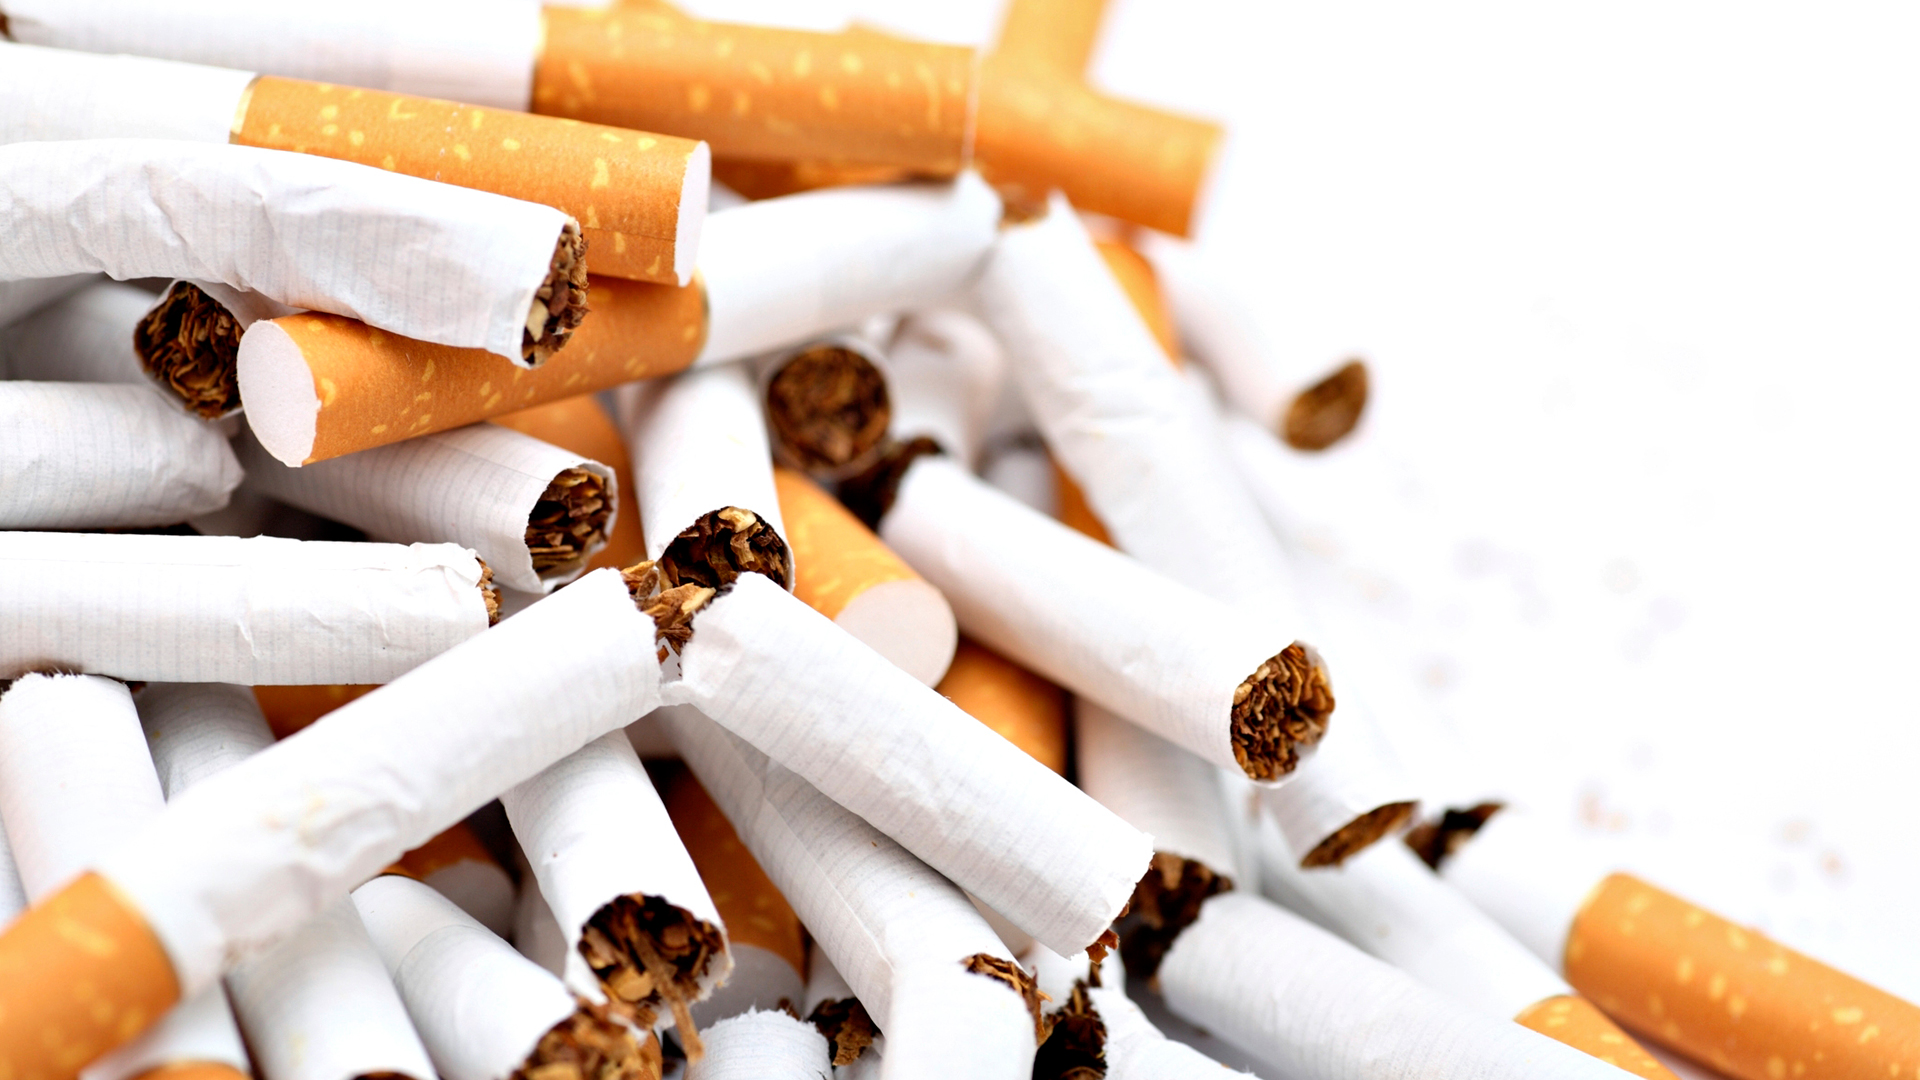 keuhkosyöpäriski puolittuu tupakoinnin loputtua